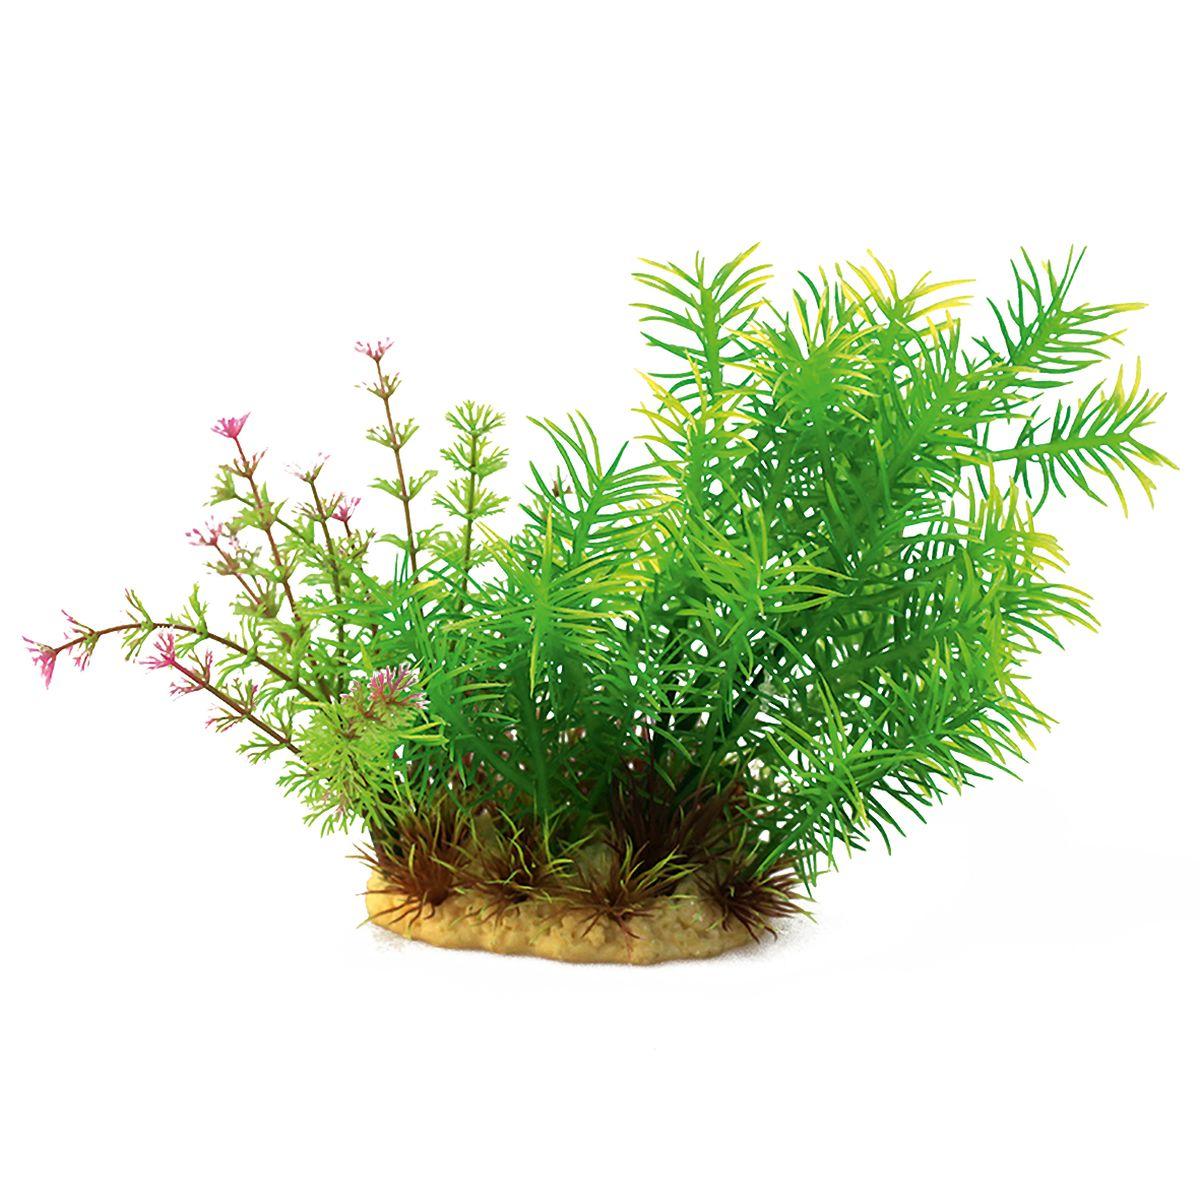 Растение для аквариума ArtUniq Погостемон эректус, высота 15 см12171996Композиция из искусственных растений ArtUniq превосходно украсит и оживит аквариум.Растения - это важная часть любой композиции, они помогут вдохнуть жизнь в ландшафт любого аквариума или террариума. А их сходствос природными порадует даже самых взыскательных ценителей.